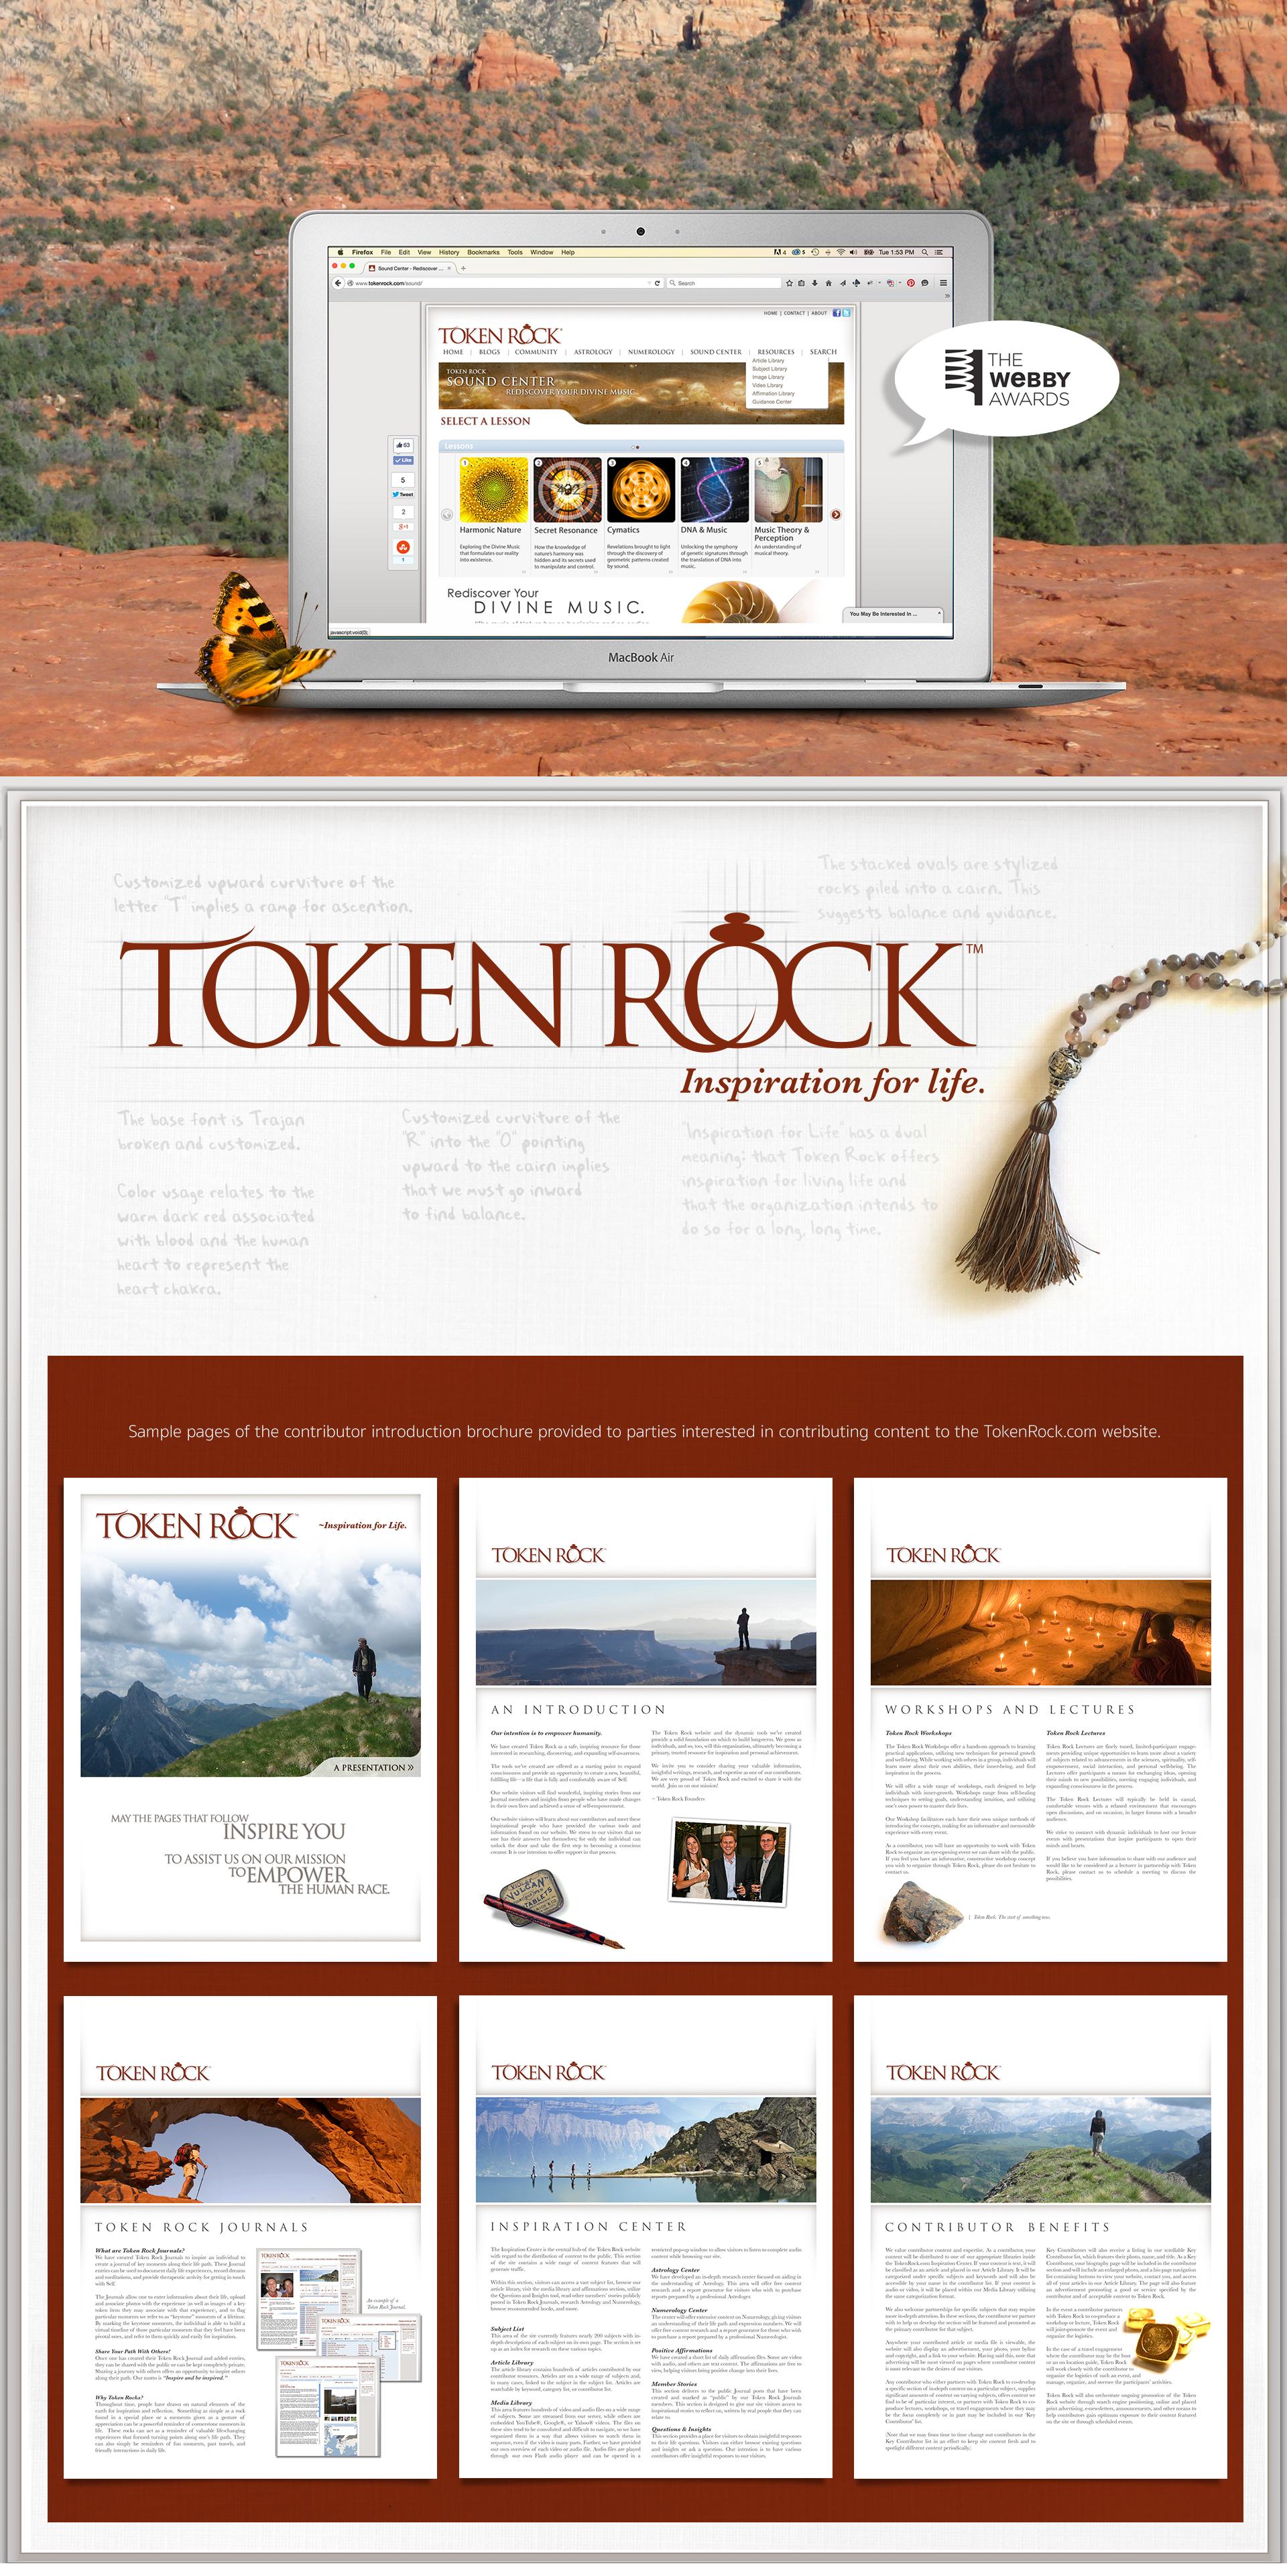 tokenrock2g